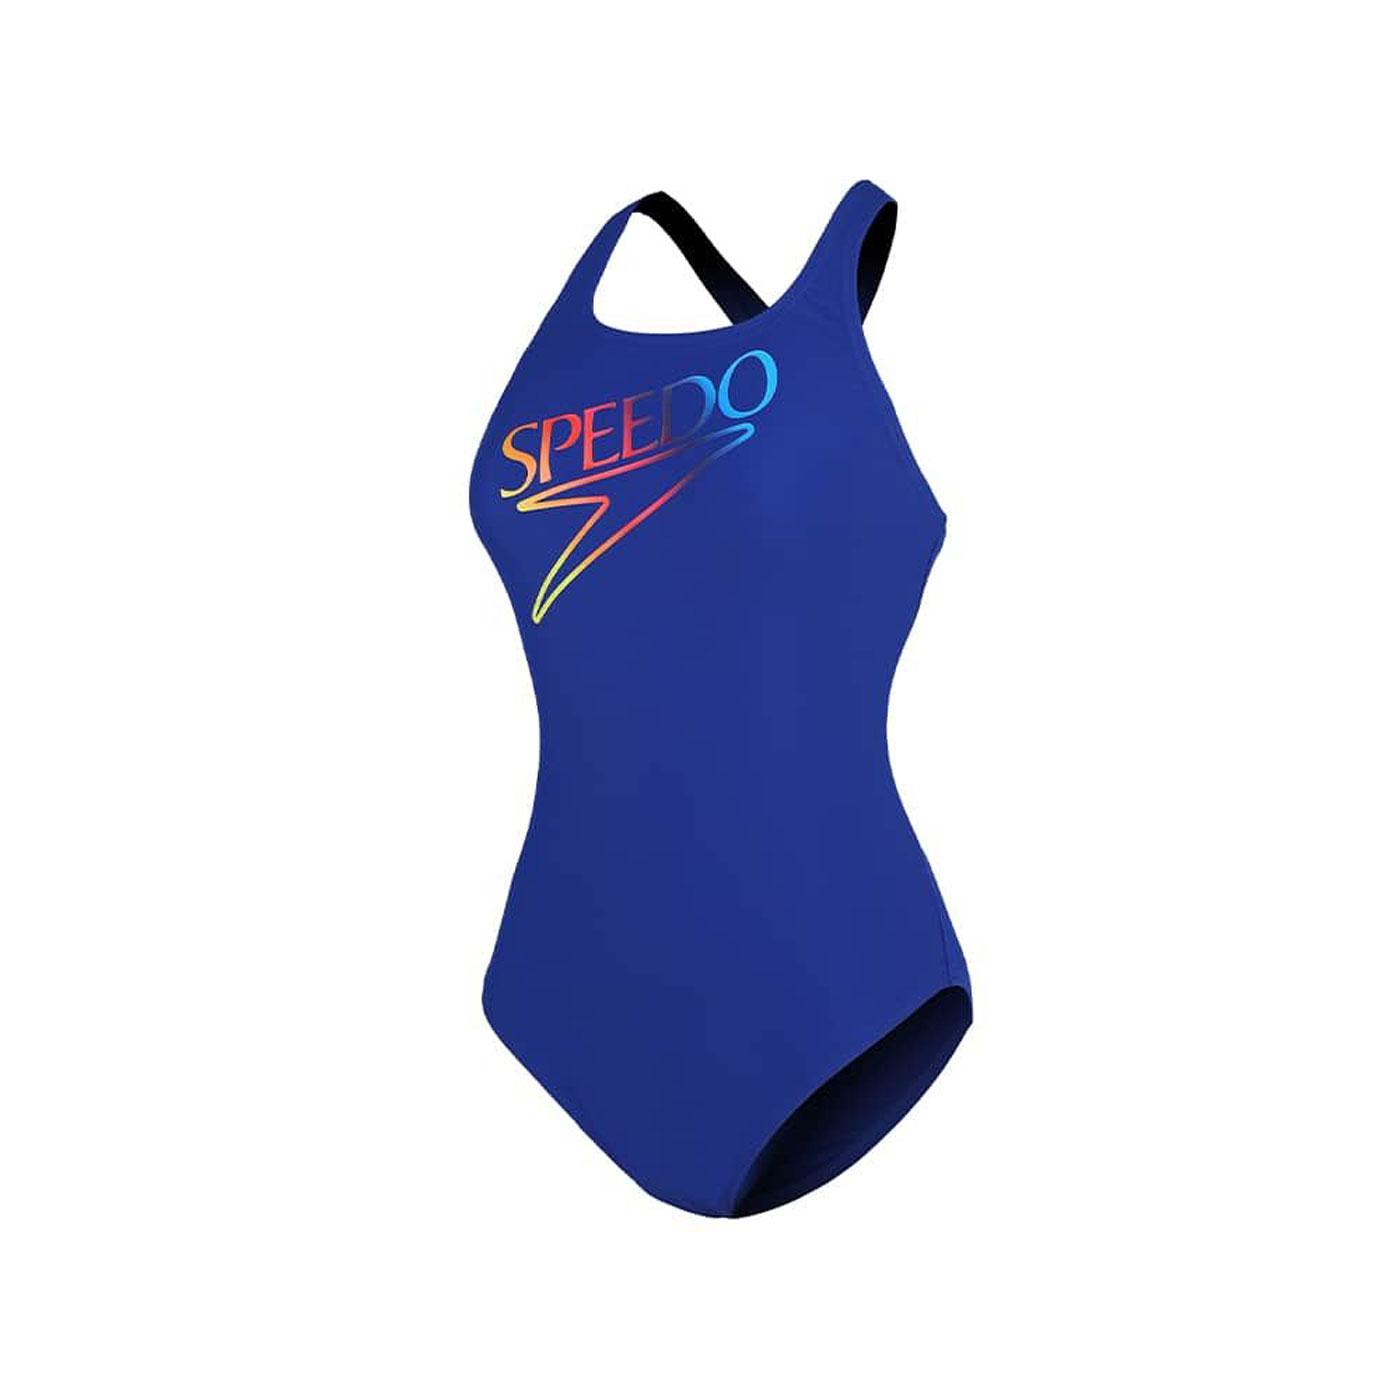 SPEEDO 女款運動連身泳裝 SD812523G064 - 藍綠紅